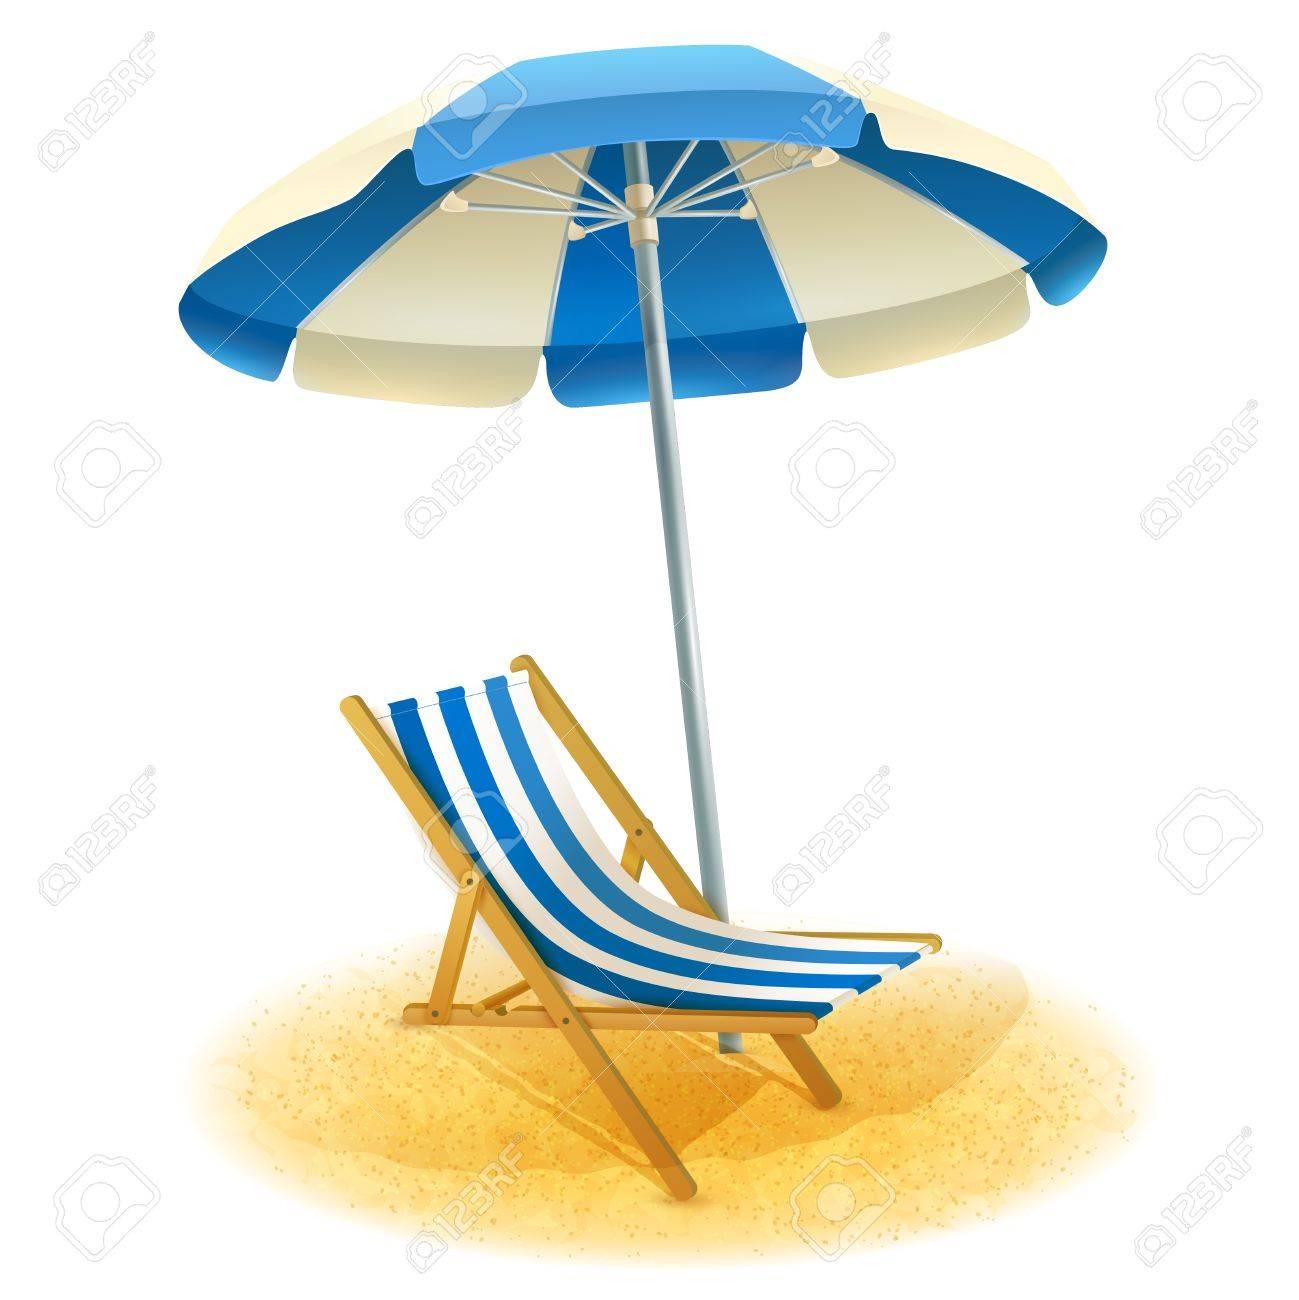 Dessin Parasol chaise longue avec un parasol et plage de sable dans le vecteur de